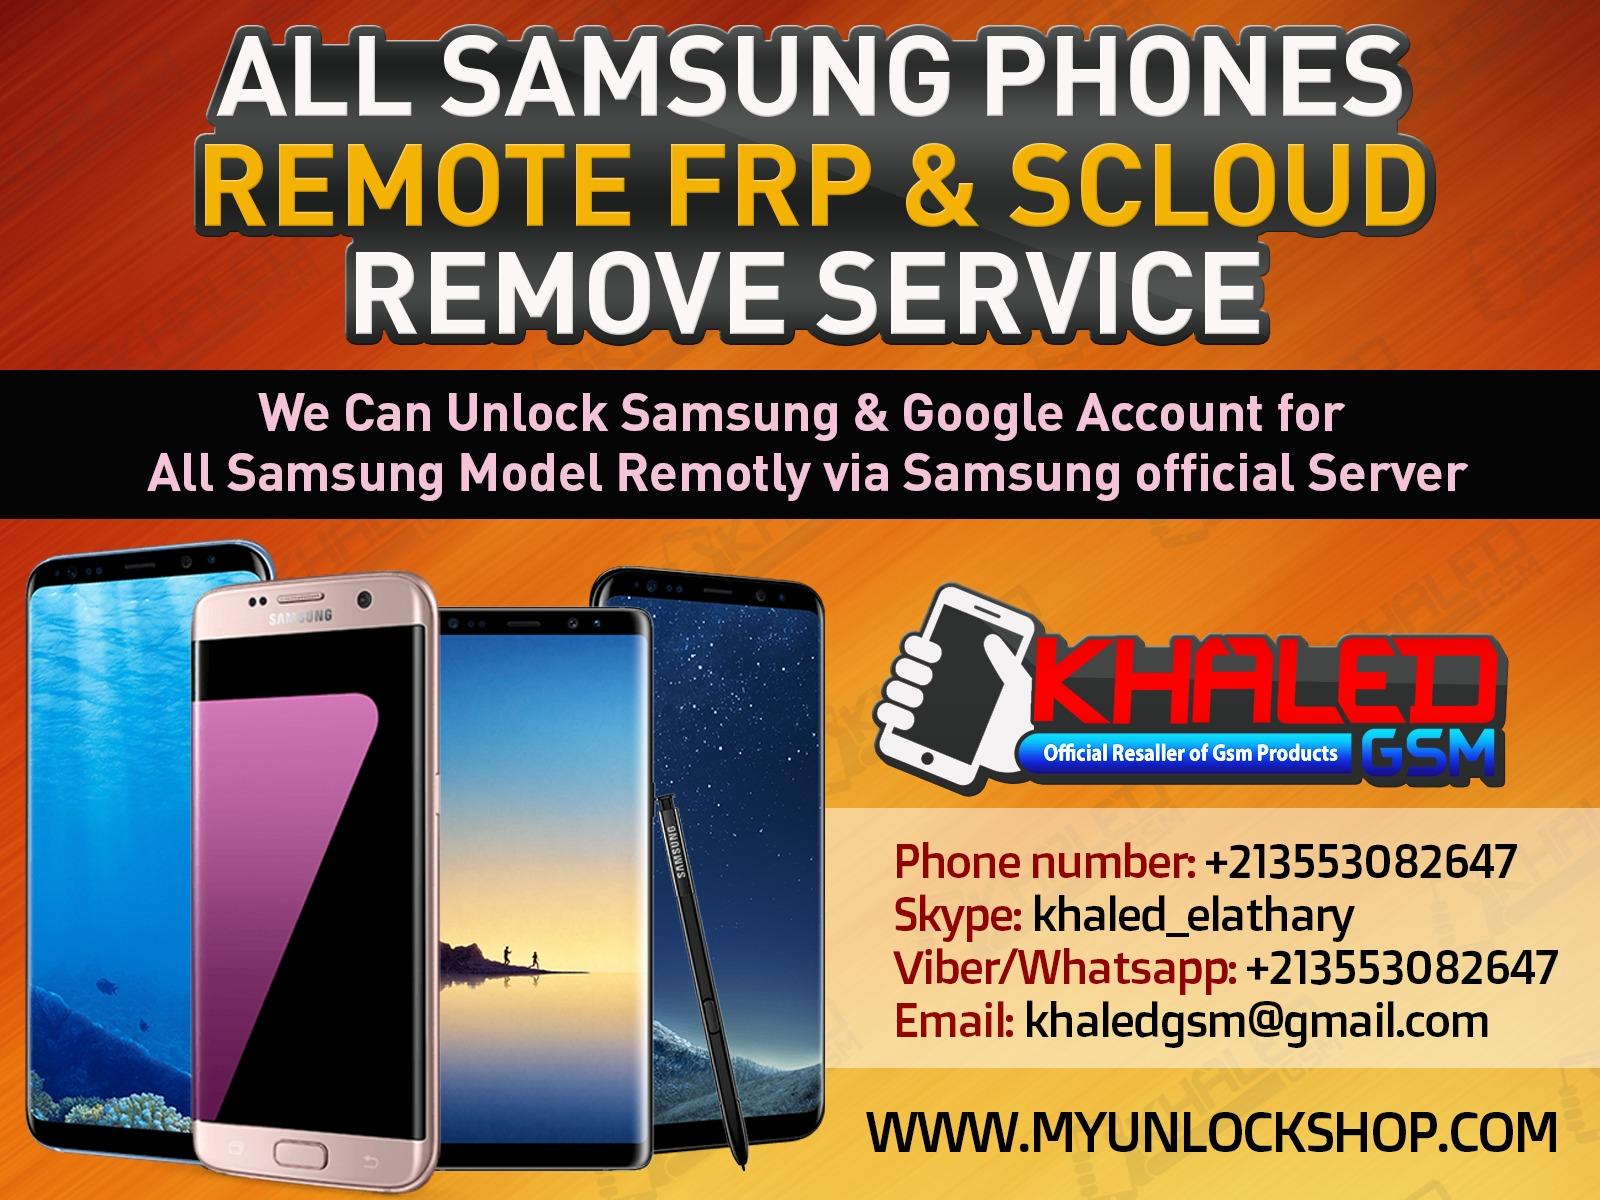 خدمة samsung frp || scloud remove متوفرة لدينا